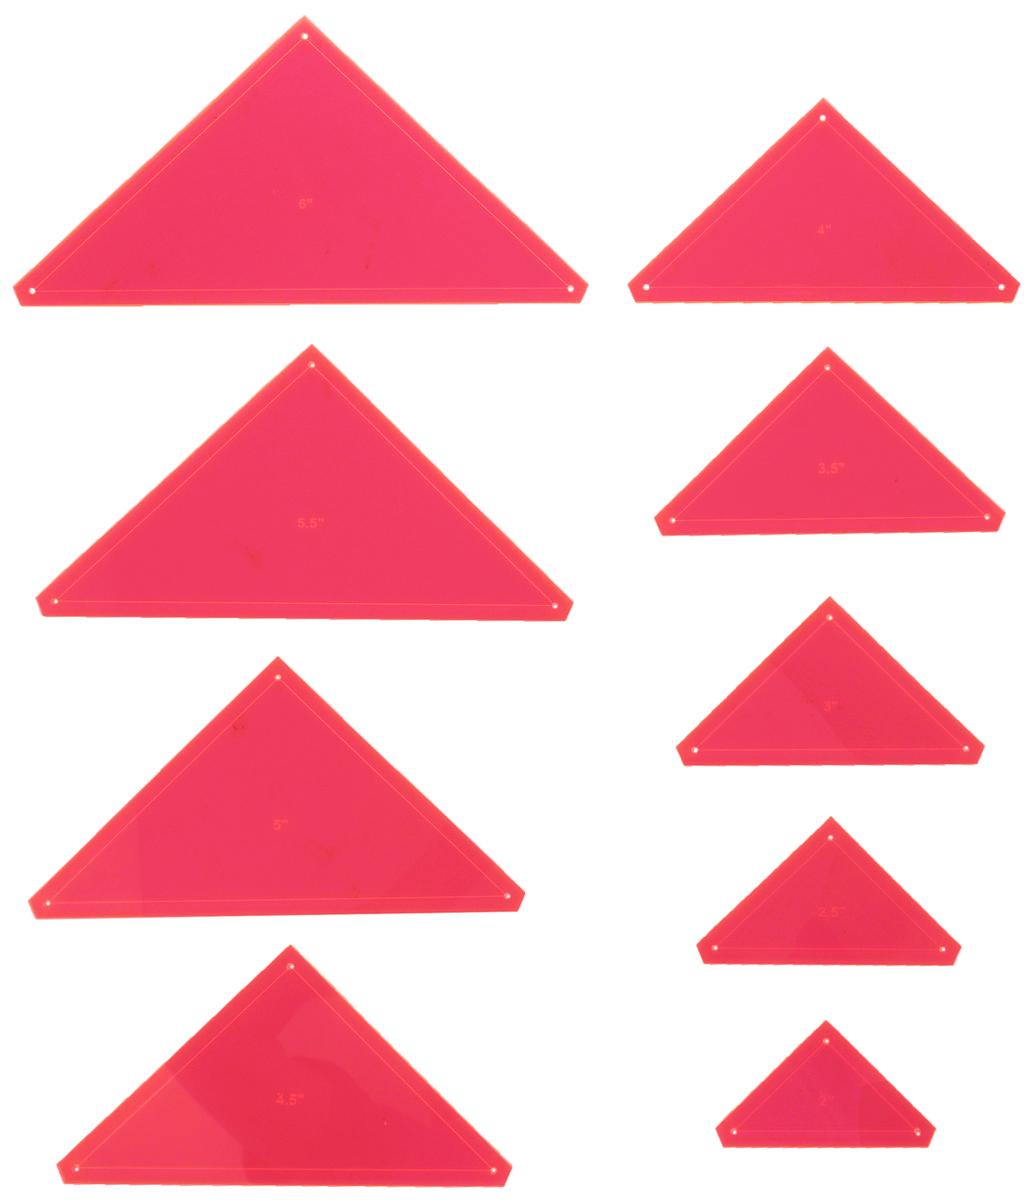 Набор лекал для пэчворка Hemline Треугольники, 9 штERGG08.PNKУниверсальные лекала Hemline Треугольники выполнены из высококачественного акрила. Их можно использовать при создании различных узоров, аппликаций и блоков. Быстрое нанесение припусков на швы. Углы 45° обеспечивают аккуратное выполнение работы. Лазерный срез края позволяет делать ровные, более аккуратные линии. В комплект входит инструкция на русском языке . Размер: 2, 2,5, 3, 3,5, 4, 4,5, 5, 5,5, 6.